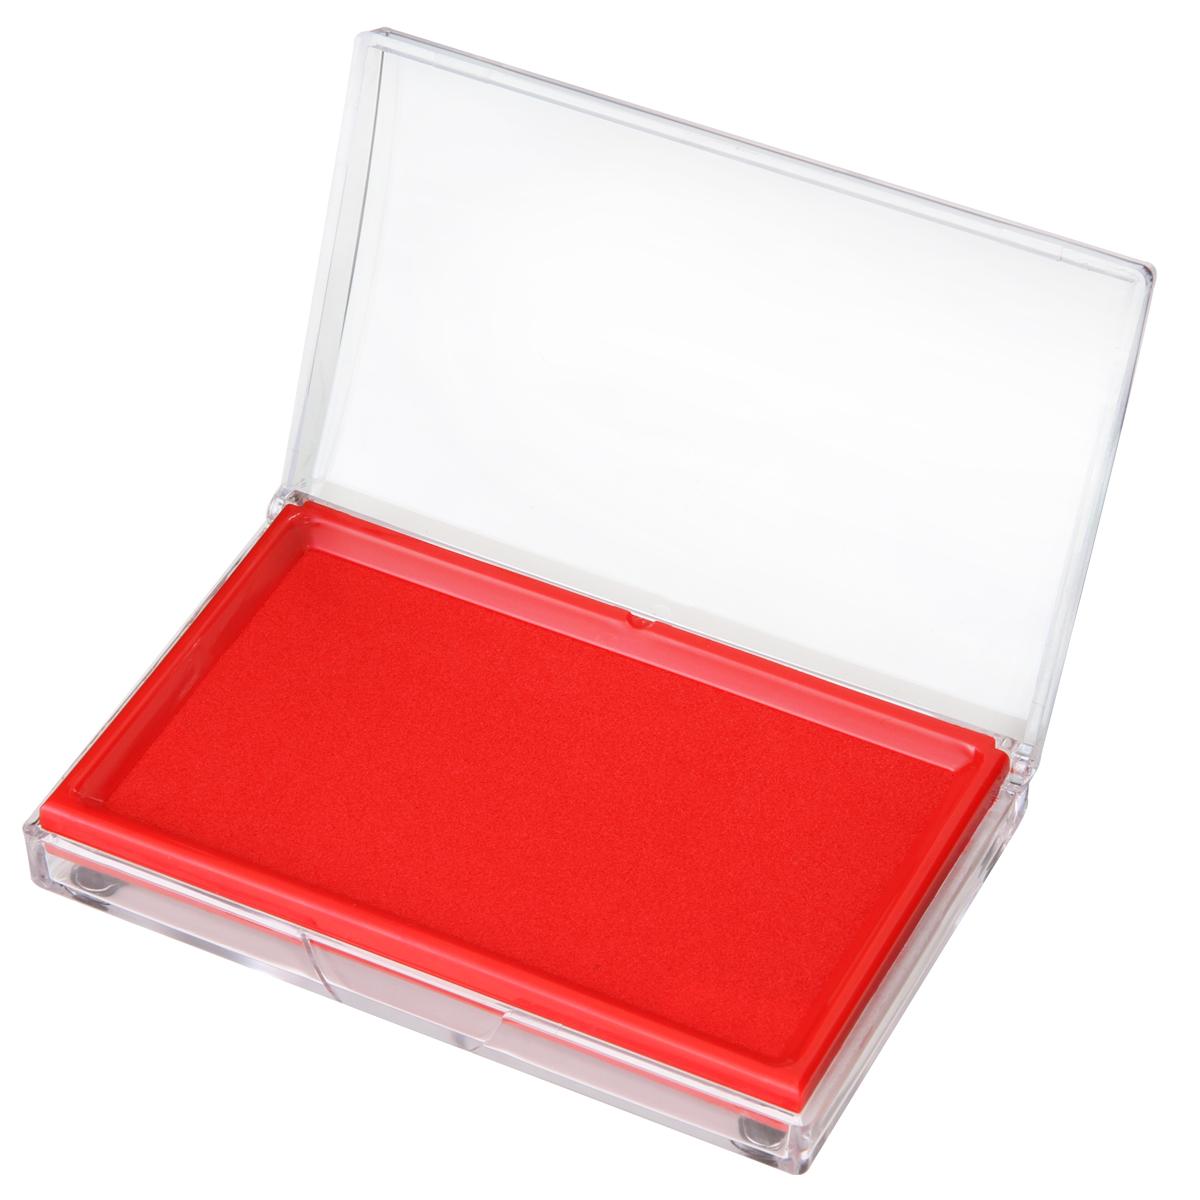 得力(deli)9864 印台印泥/办公印台/长方形印台 红色